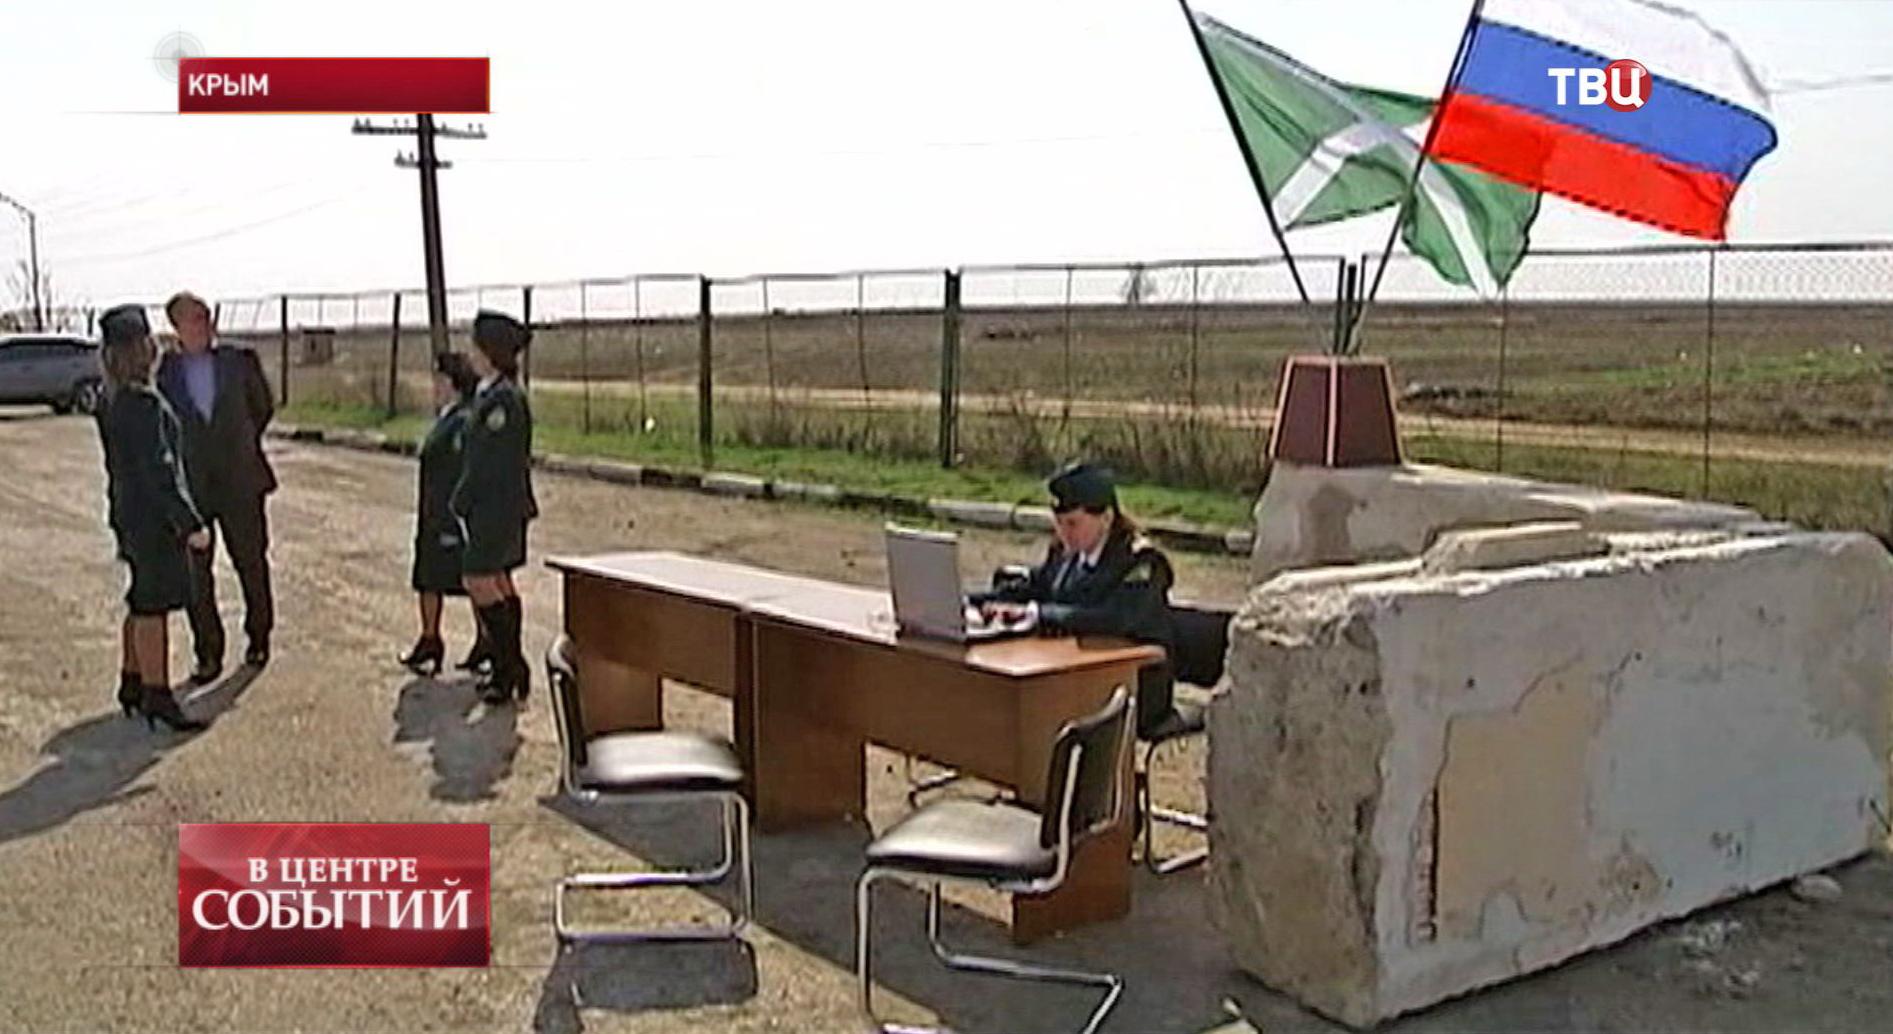 Таможенный пост на границе Крыма с Украиной